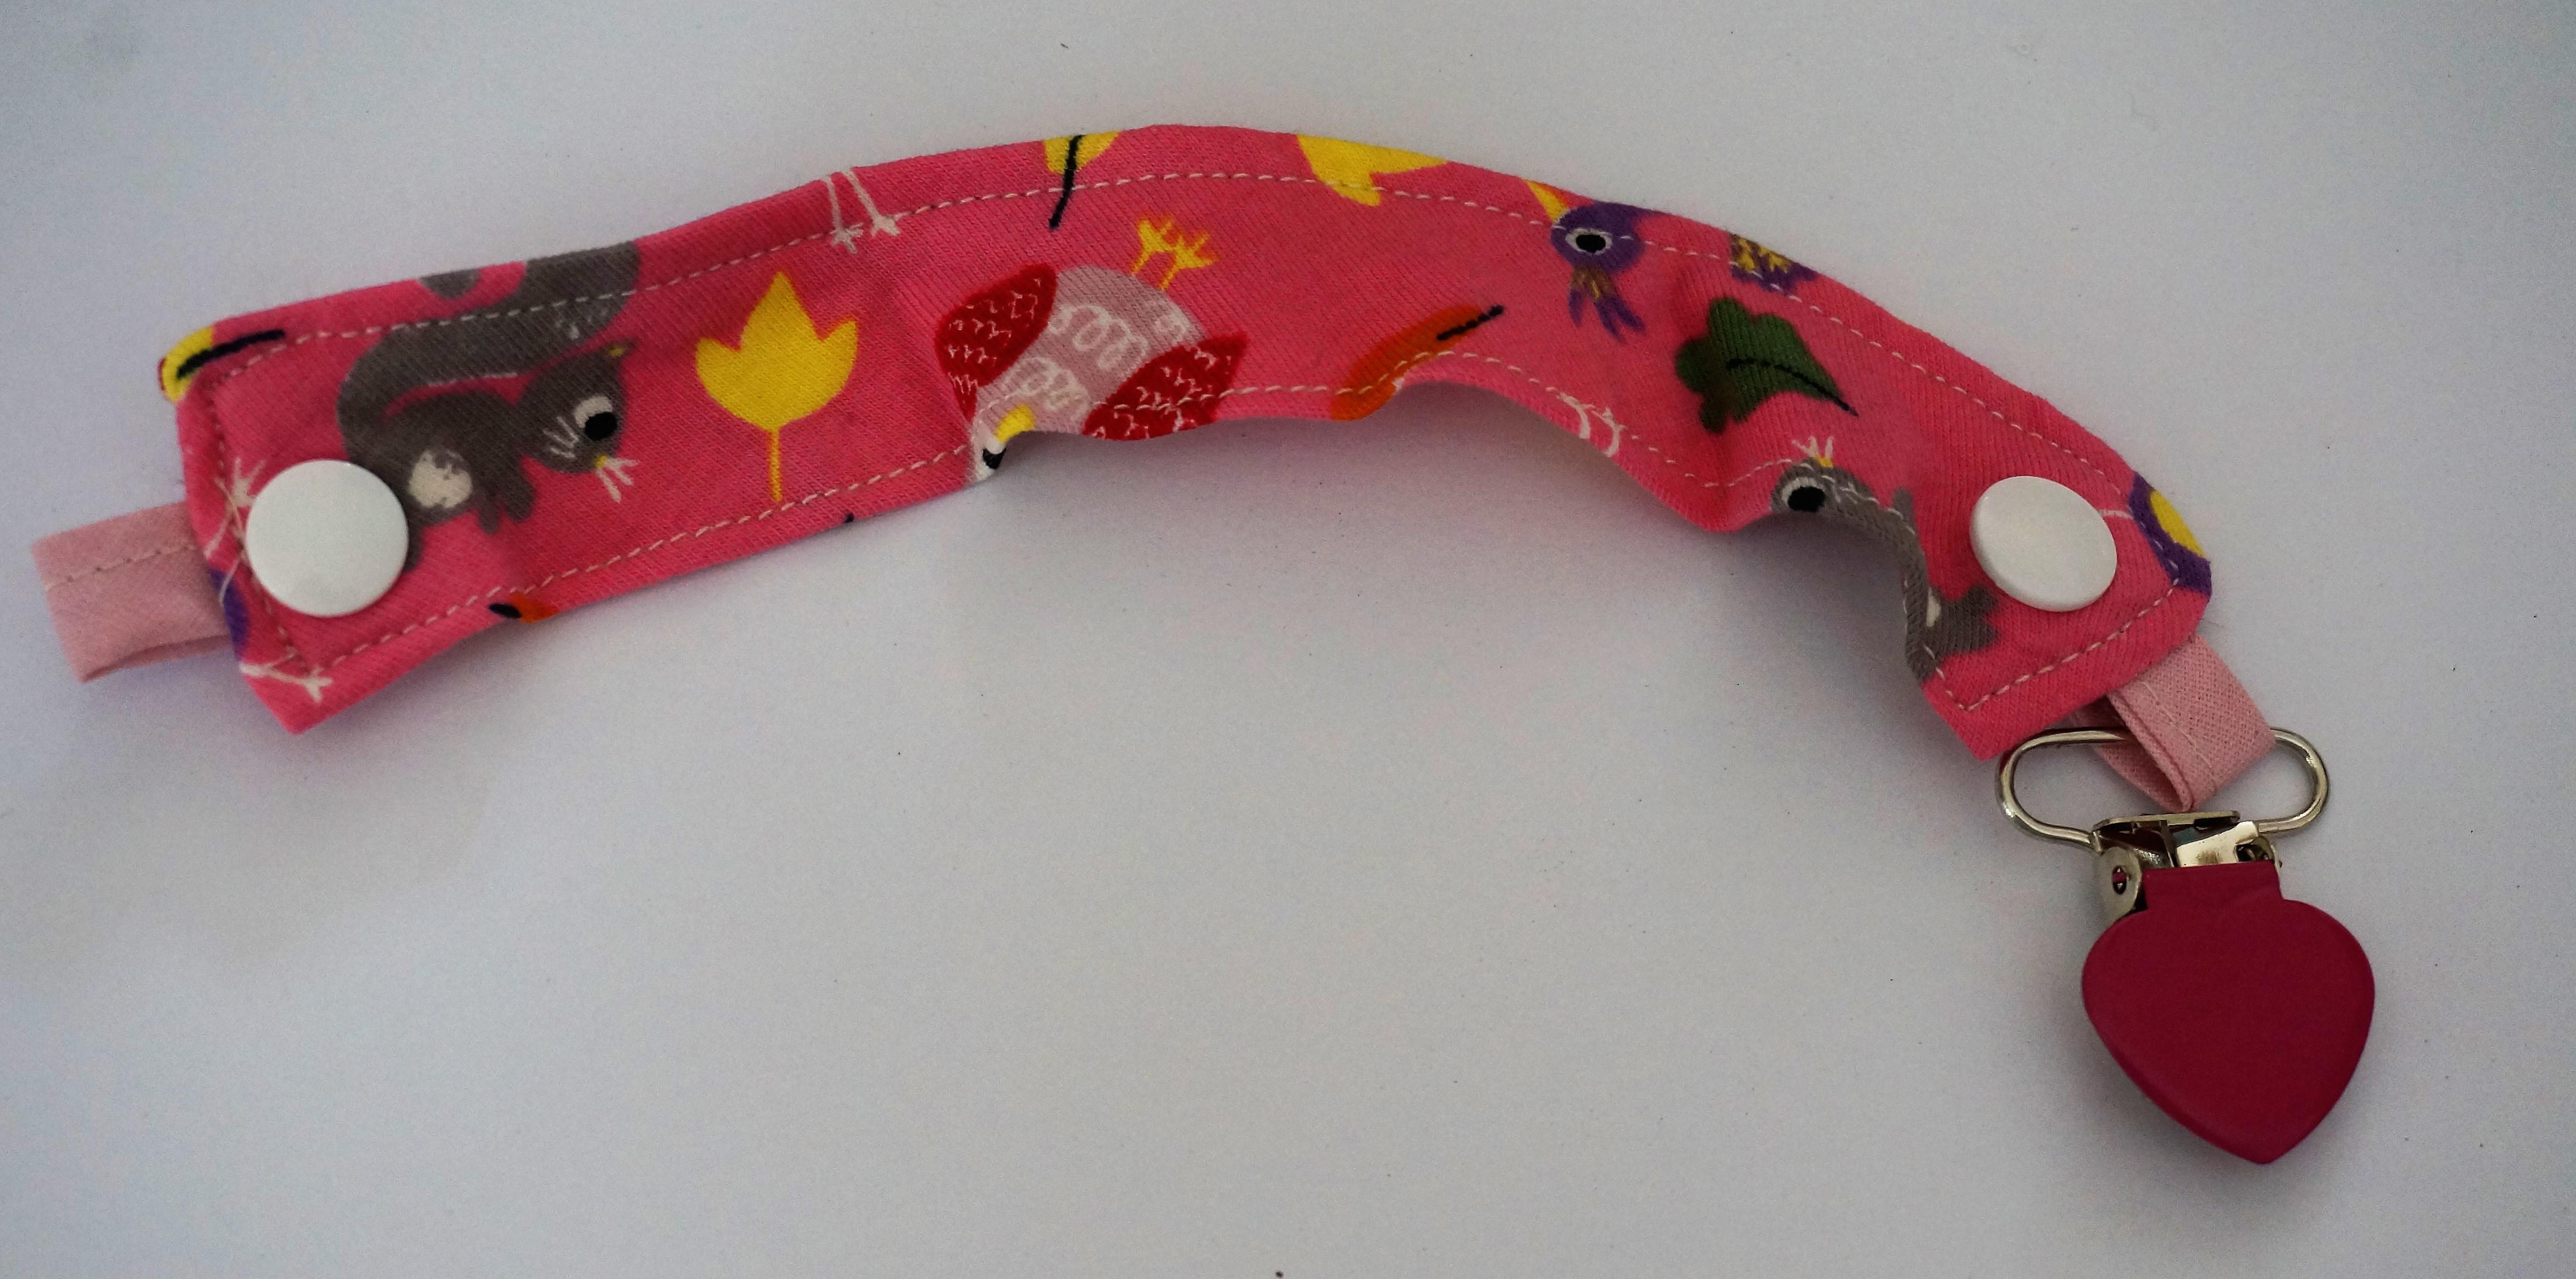 accroche sucette - accroche doudou (modèle fille) - la petite crevette